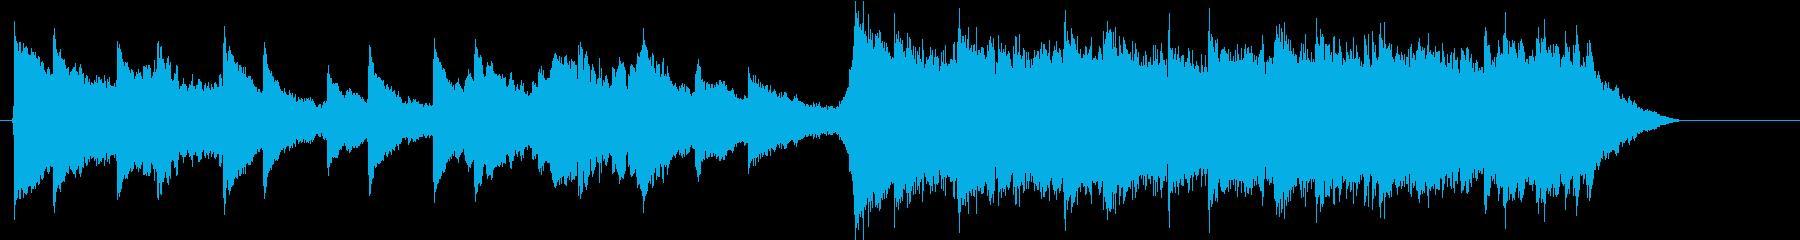 ピアノとストリングス 壮大の再生済みの波形